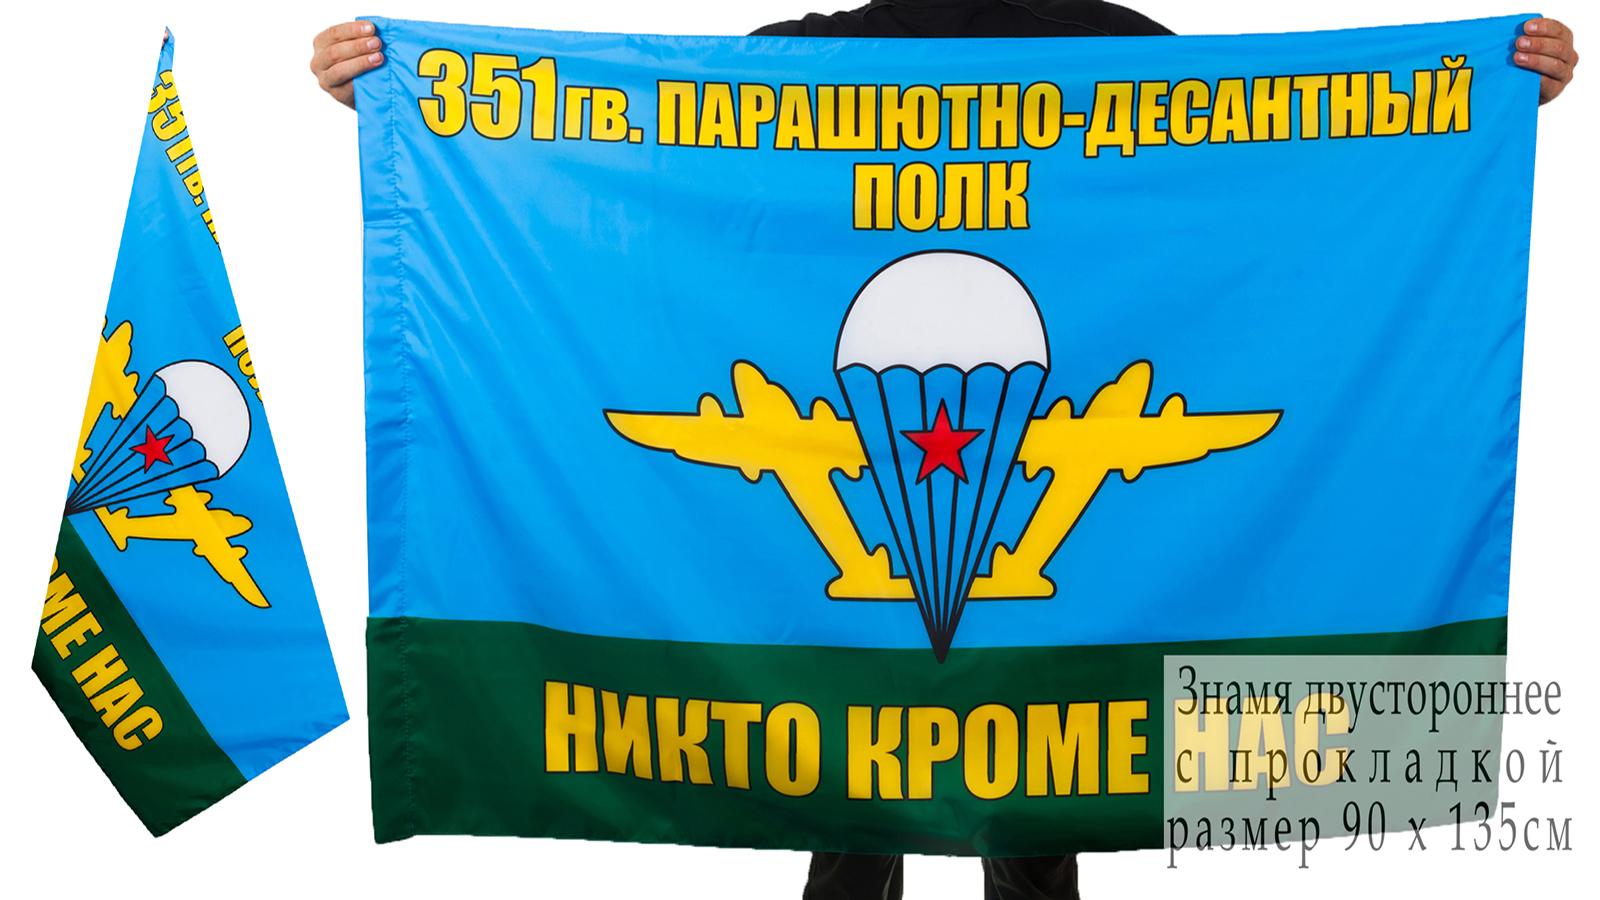 Двухсторонний флаг 351-го гв. парашютно-десантного полка